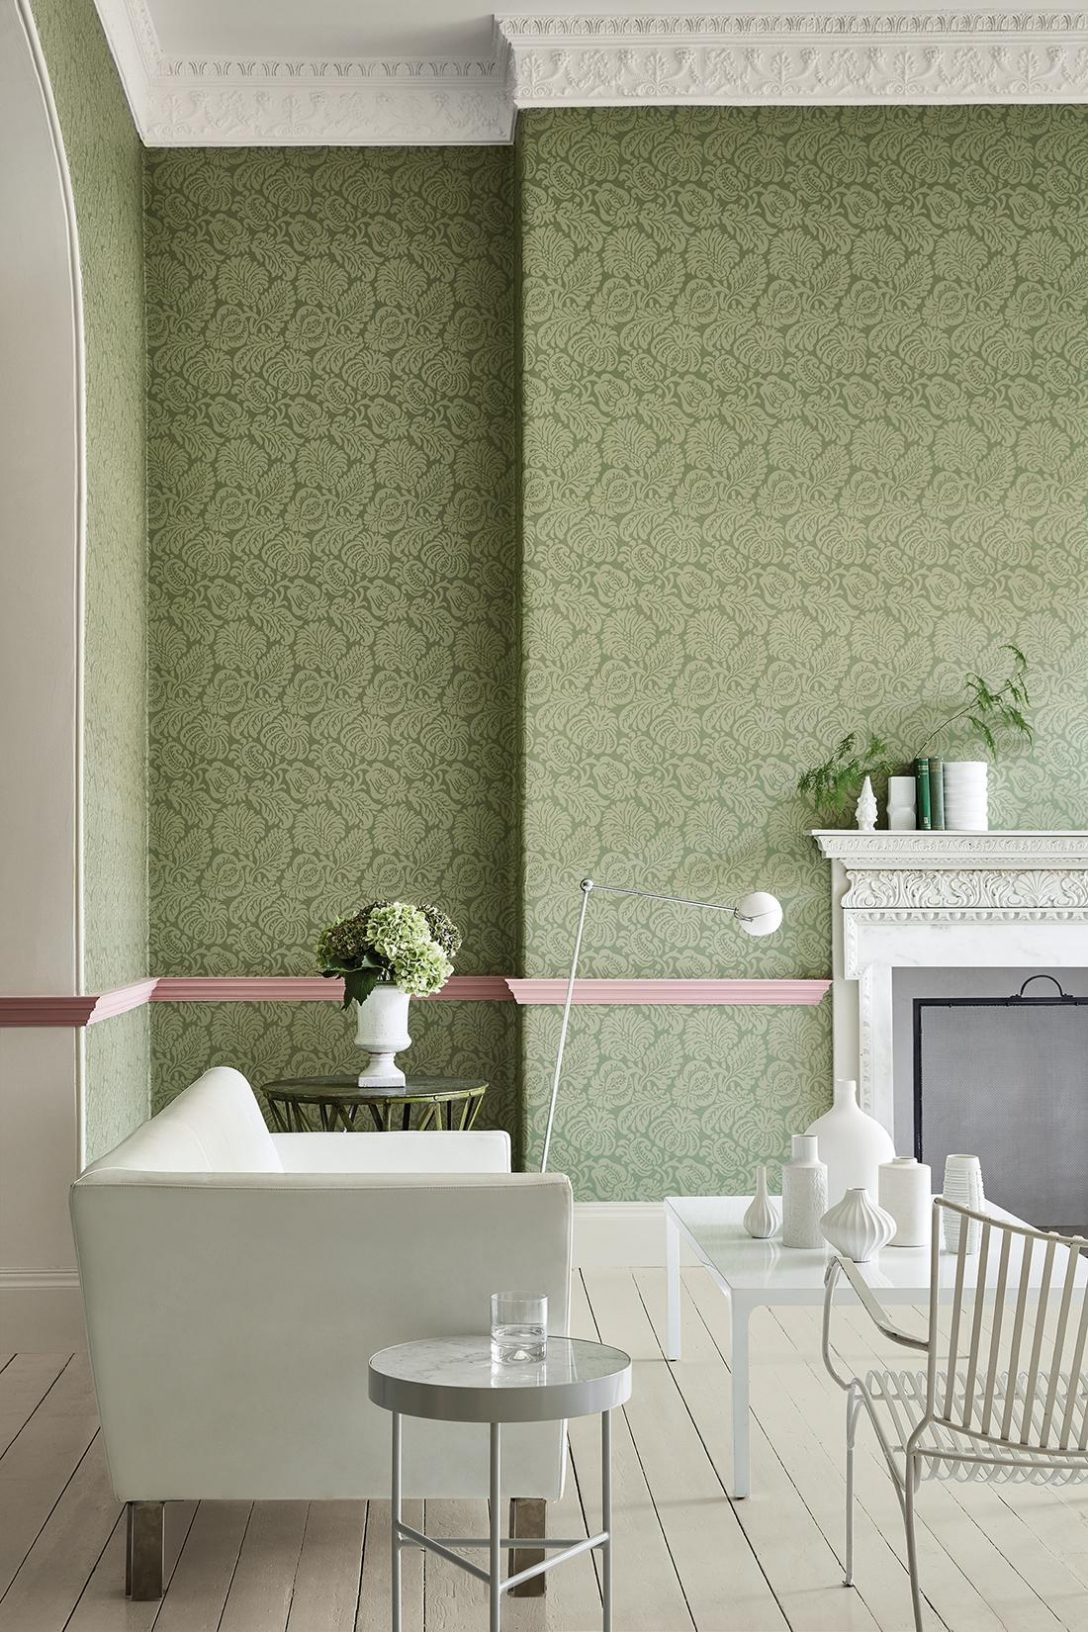 Large Size of Tapeten Ideen Für Küche Wohnzimmer Schlafzimmer Bad Renovieren Fototapeten Die Wohnzimmer Tapeten Ideen